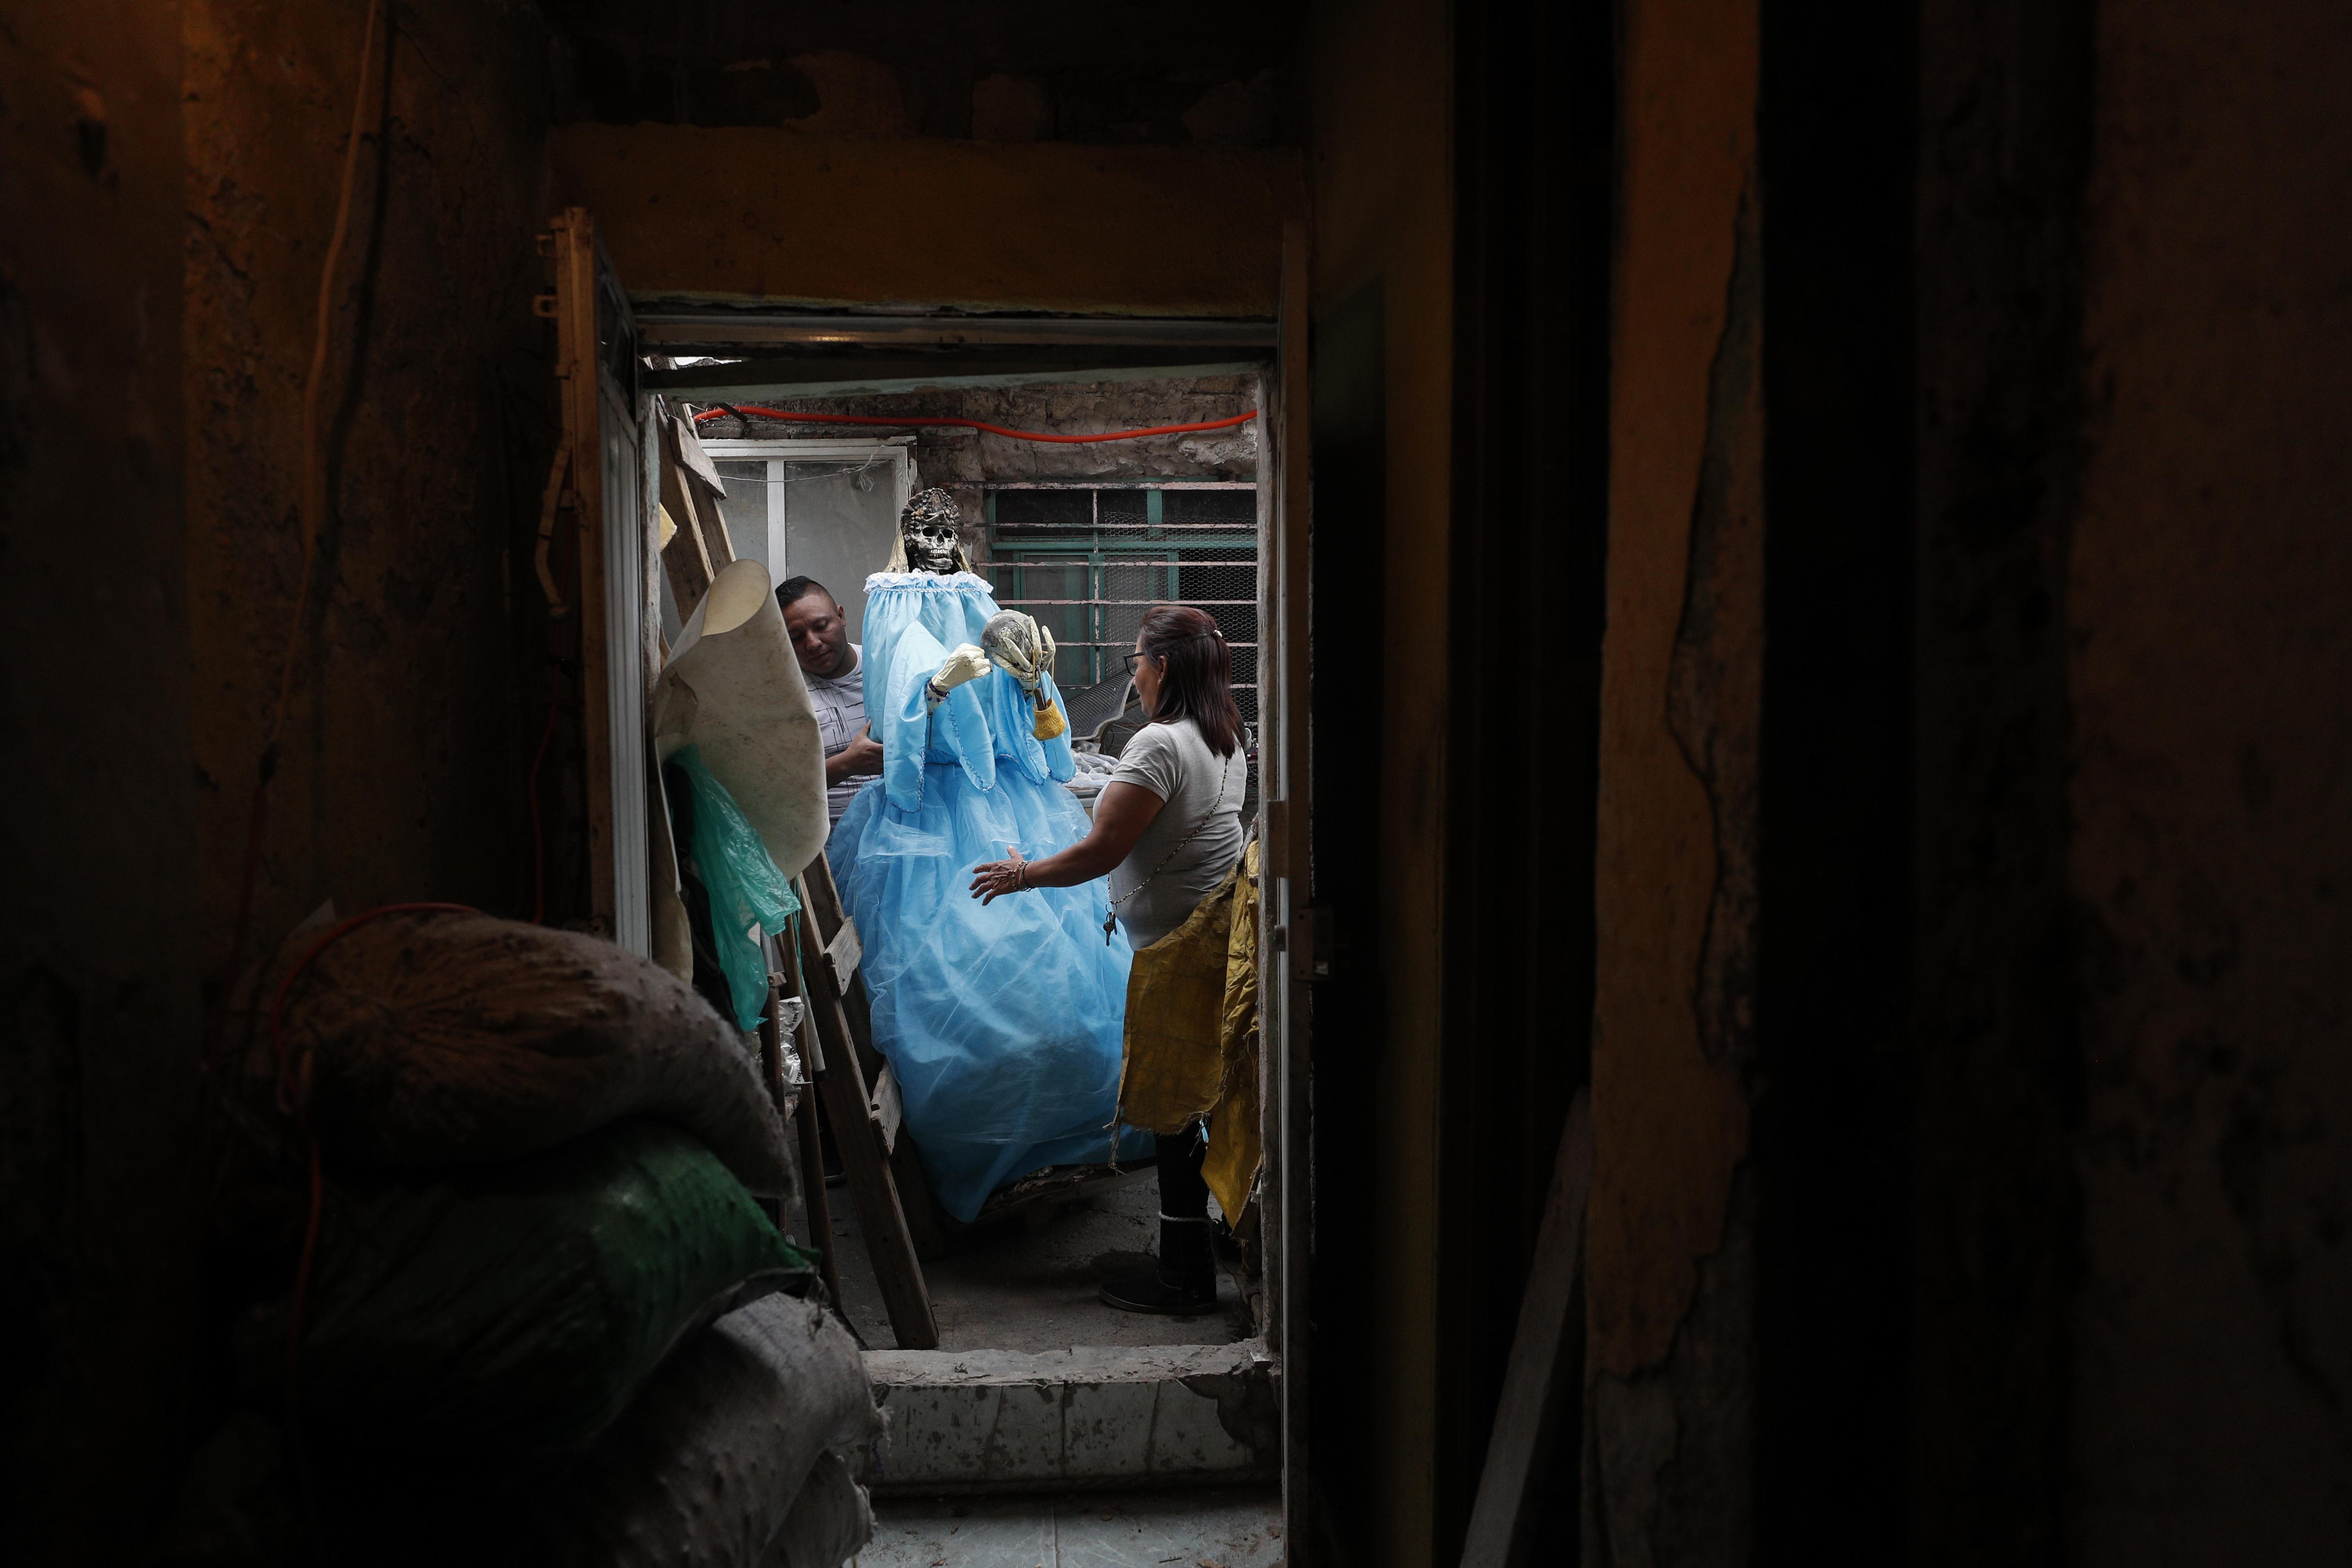 Elvia Sánchez Díaz, de 55 años, recibe ayuda de un vecino para devolver una figura gigante de Santa Muerte a su casa. (Foto: AP / Rebecca Blackwell )